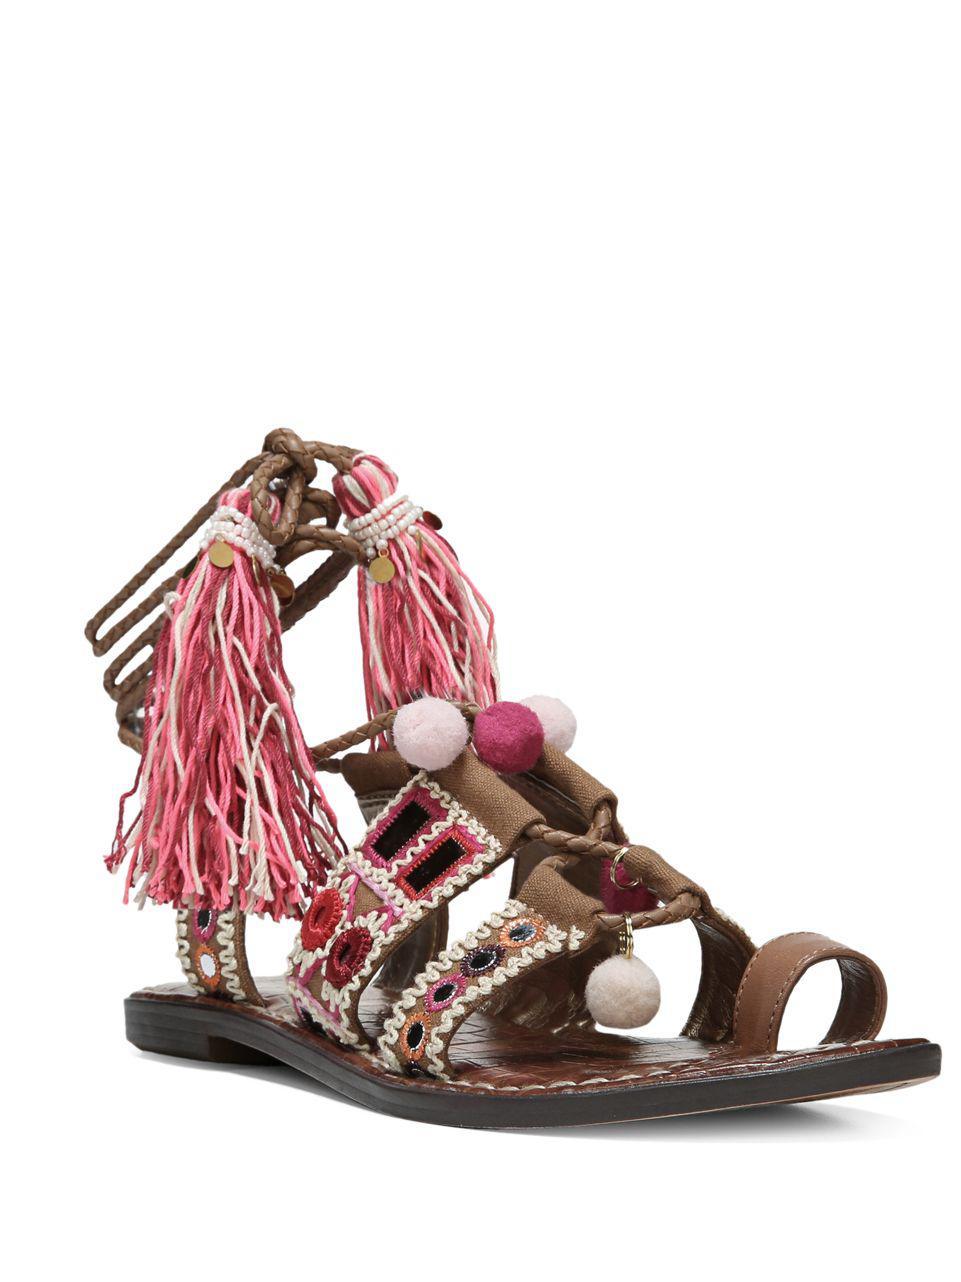 8ae2fc01ffa Lyst - Sam Edelman Gretchen Leather-blend Sandals